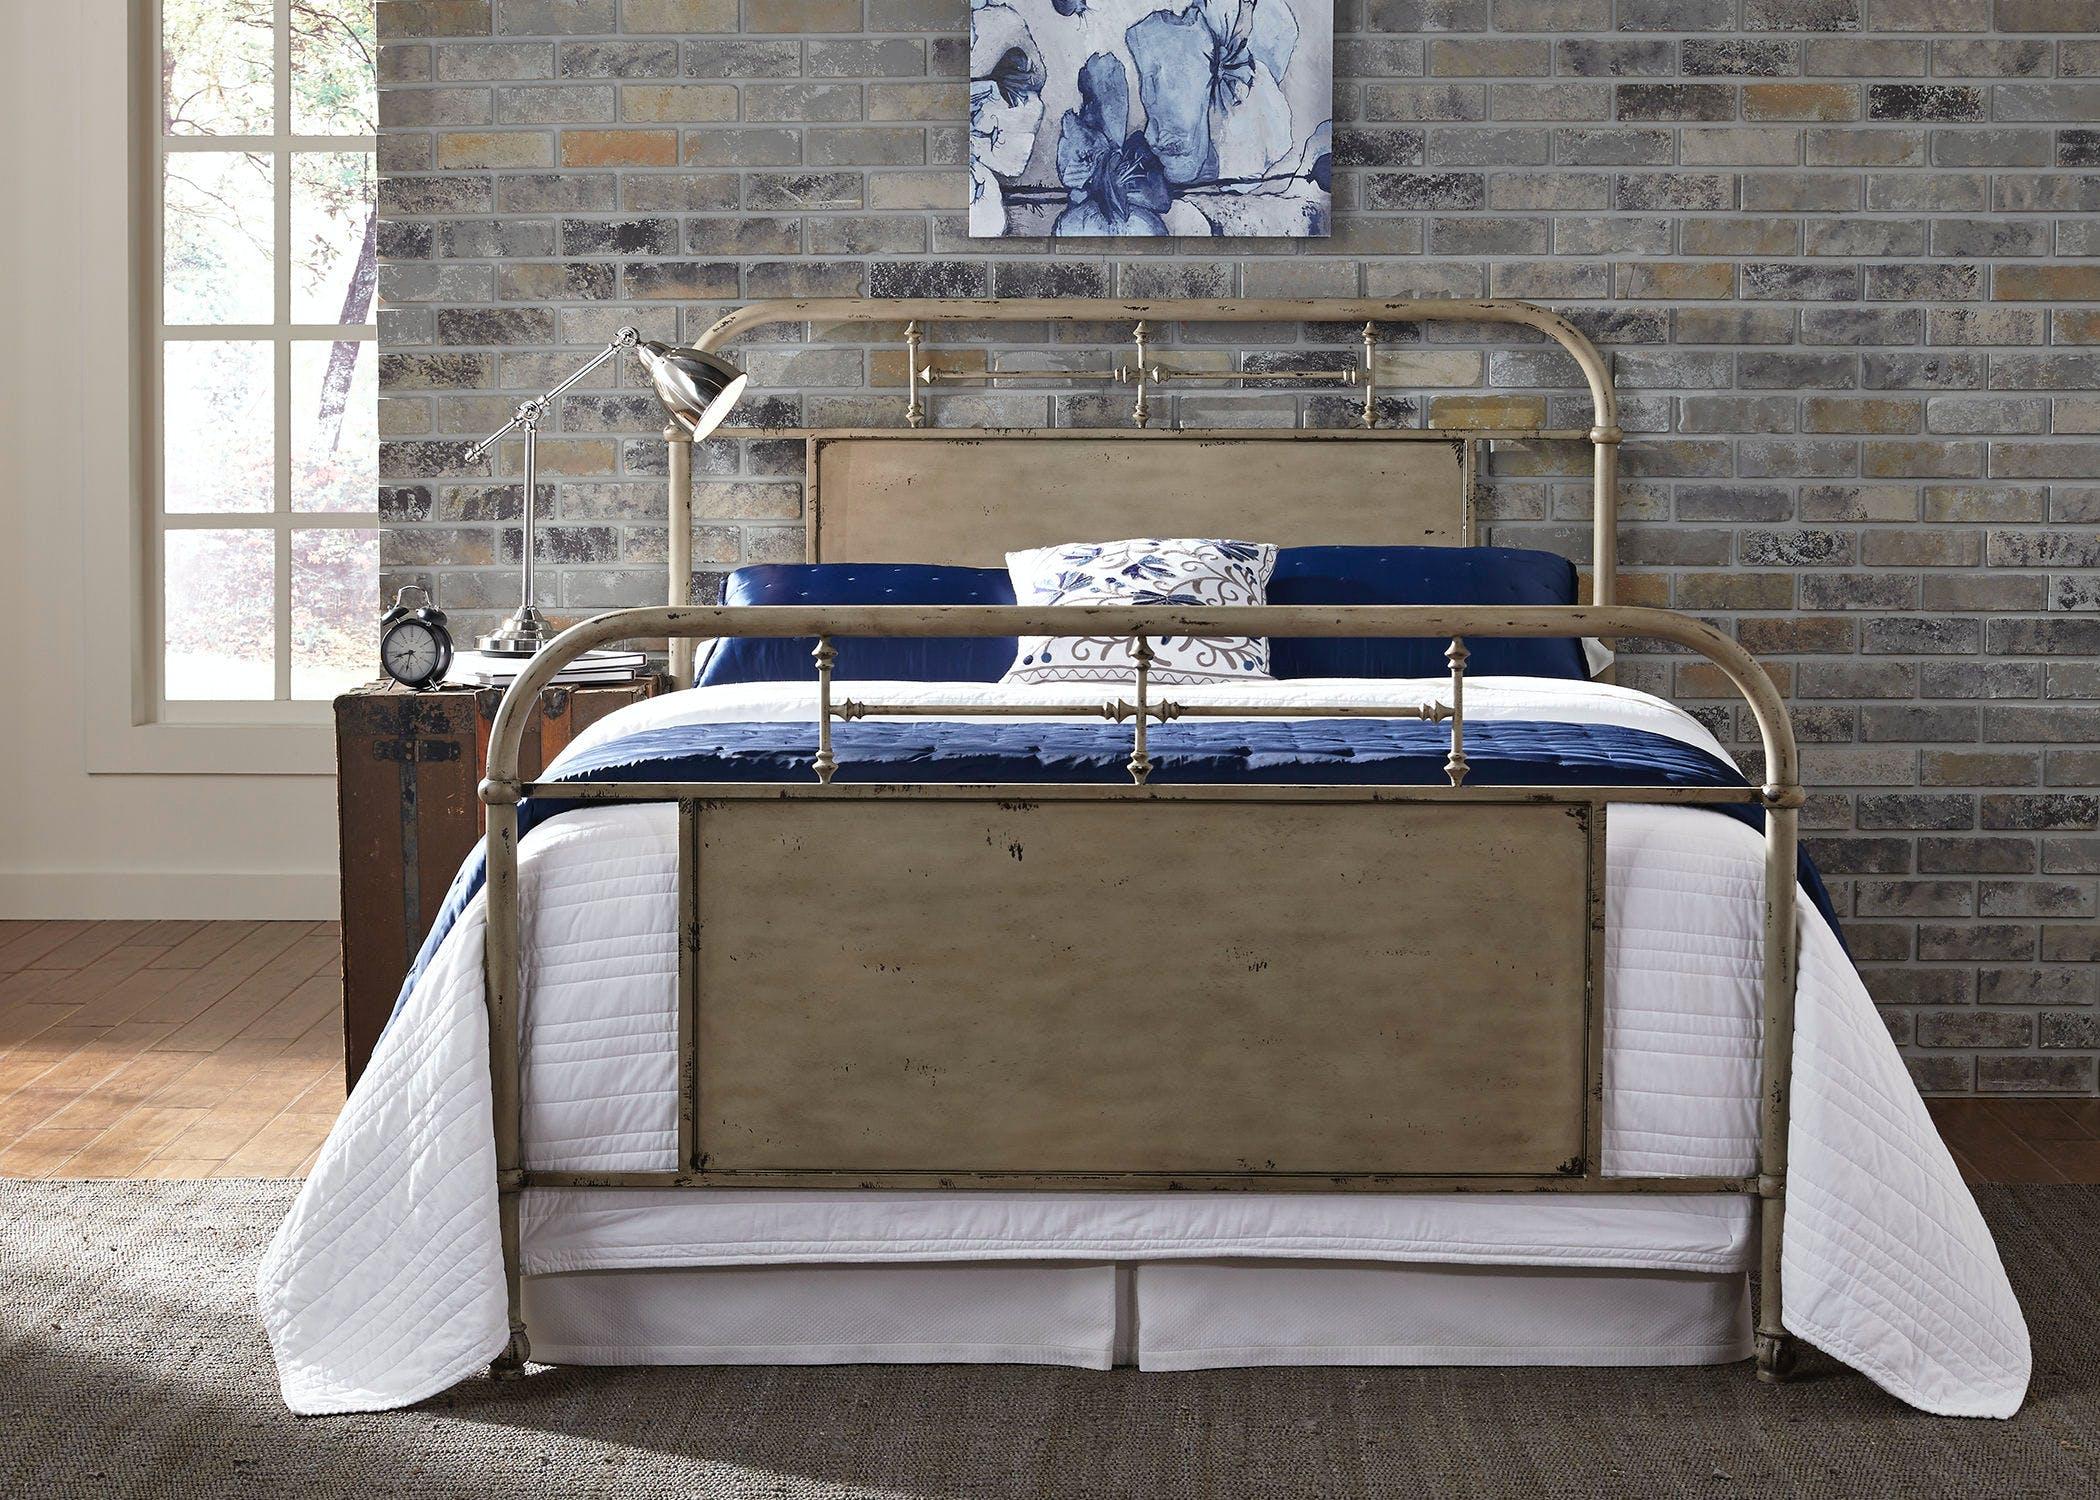 Liberty Furniture Bedroom King Metal Bed Vintage Cream 179 Br15hfr W Furniture Kingdom